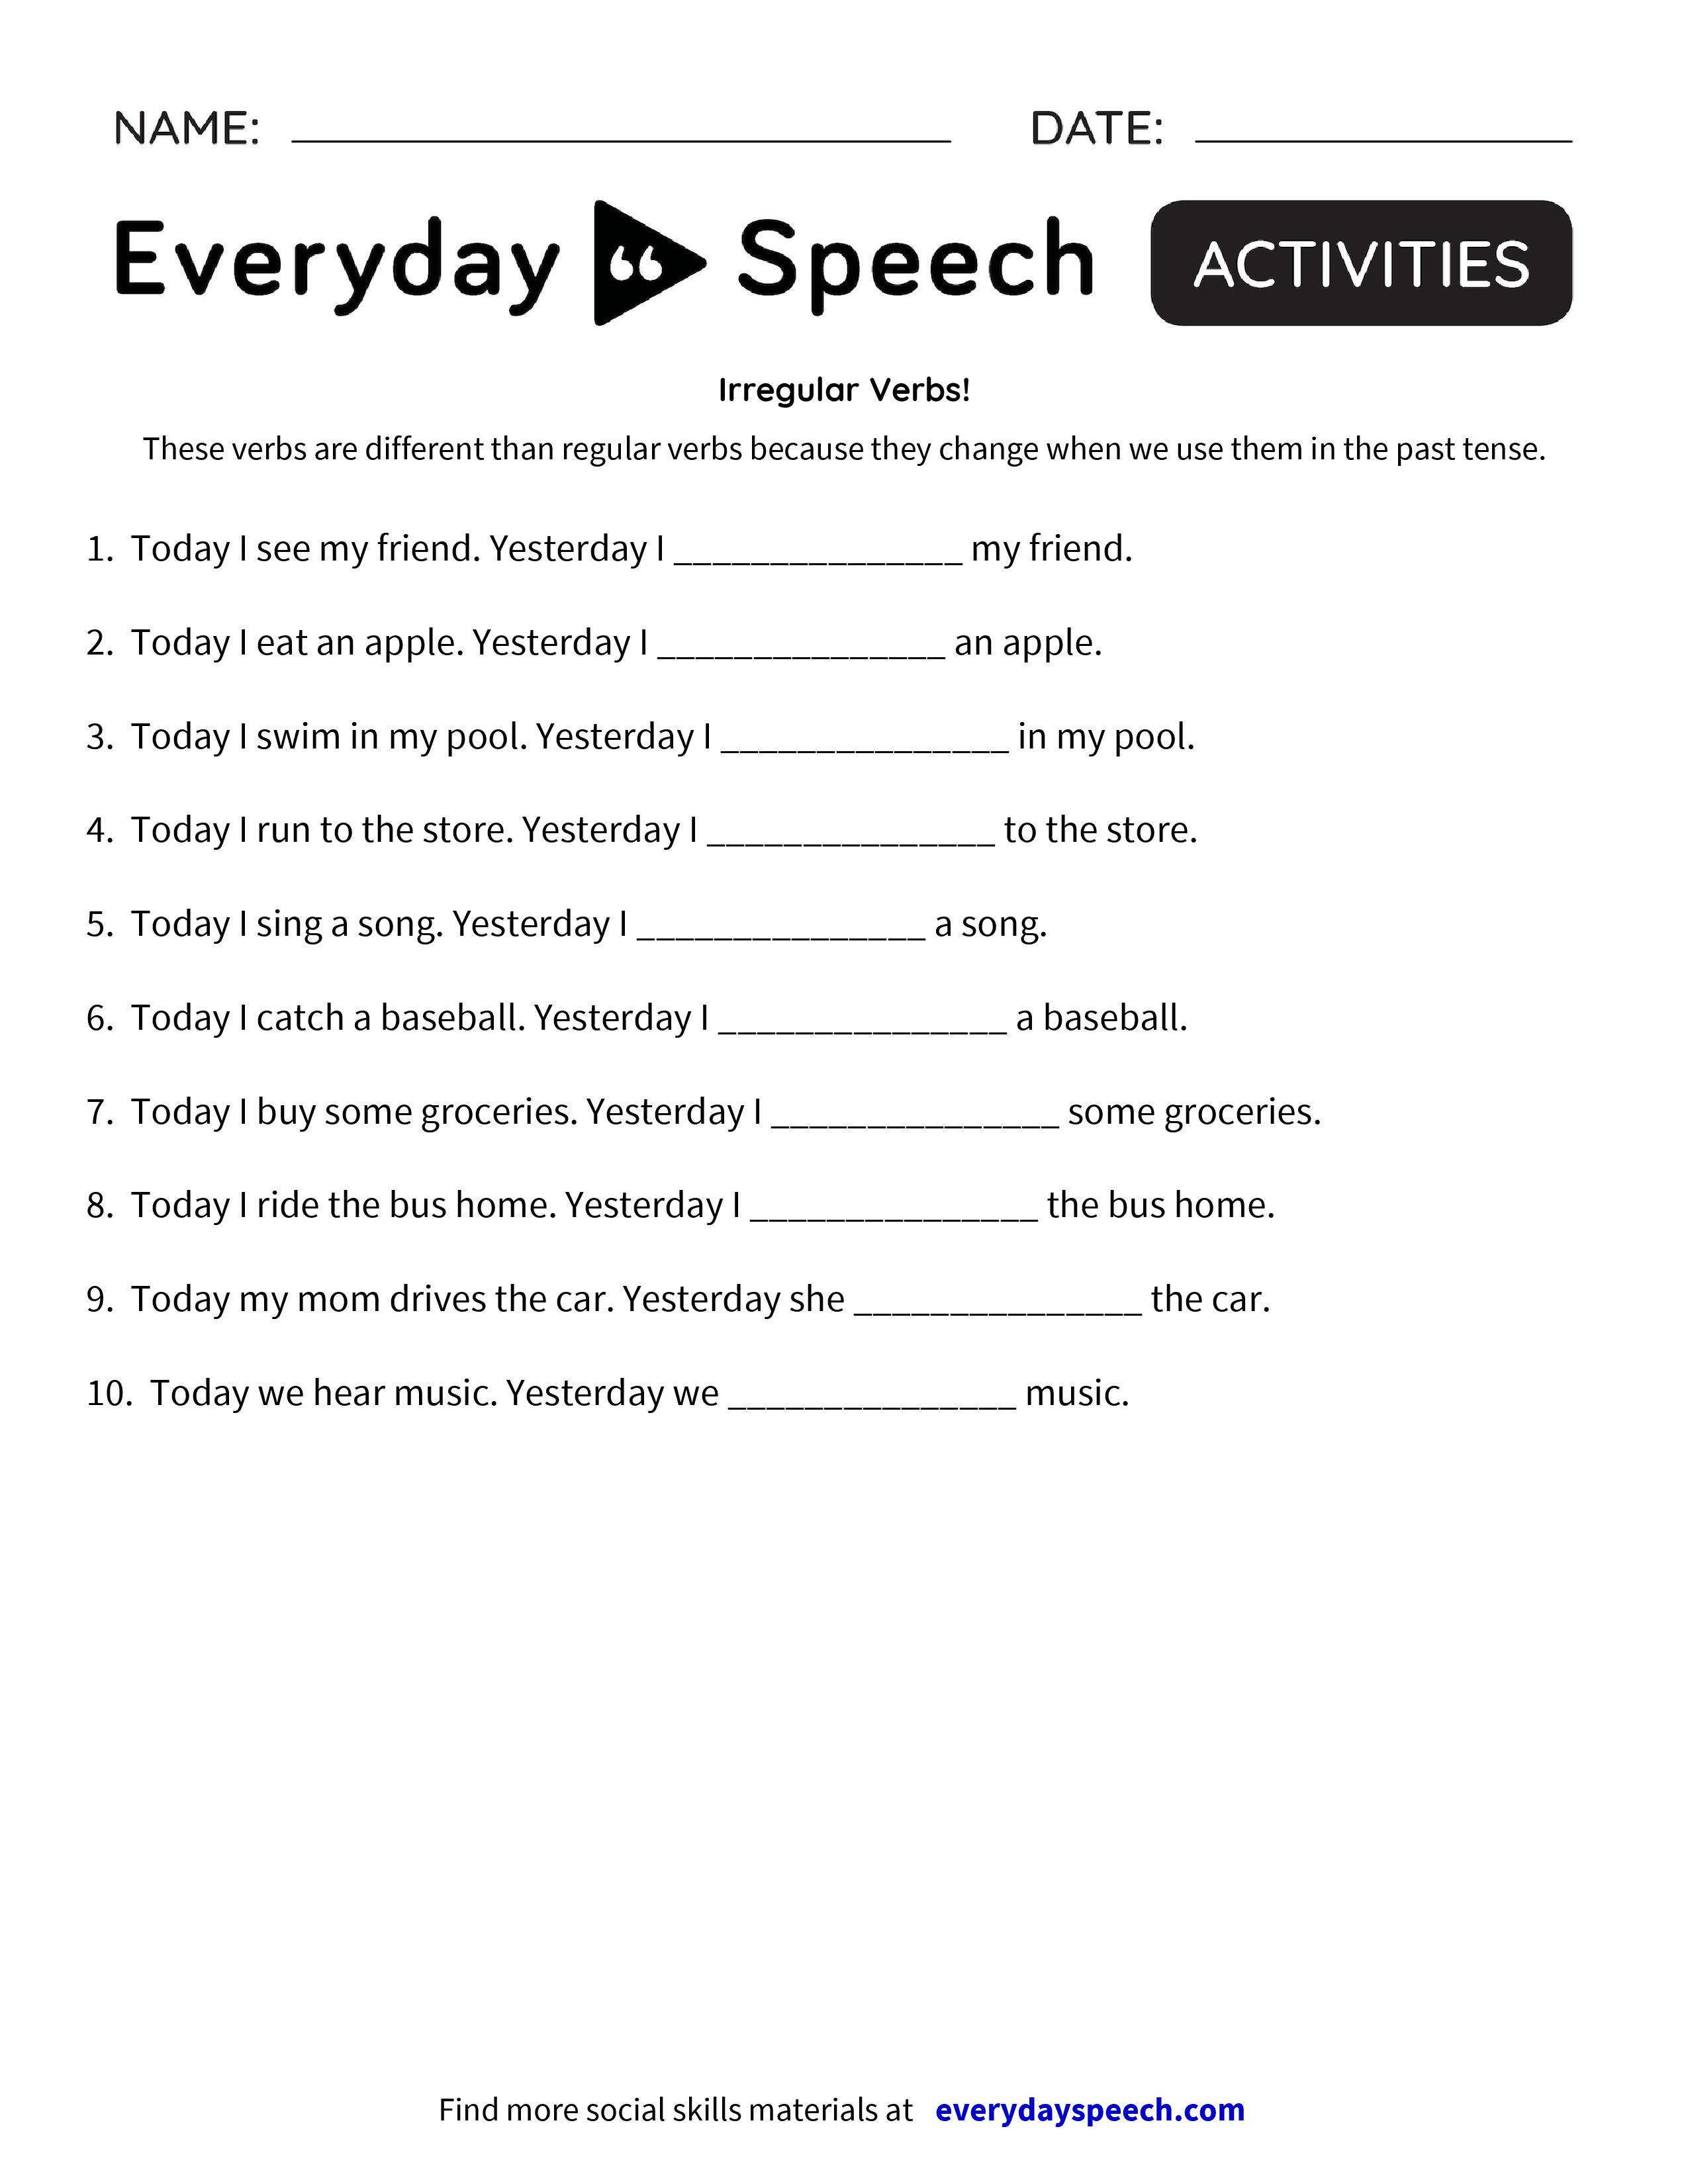 Irregul R Verbs Everyd Y Speech Everyd Y Speech